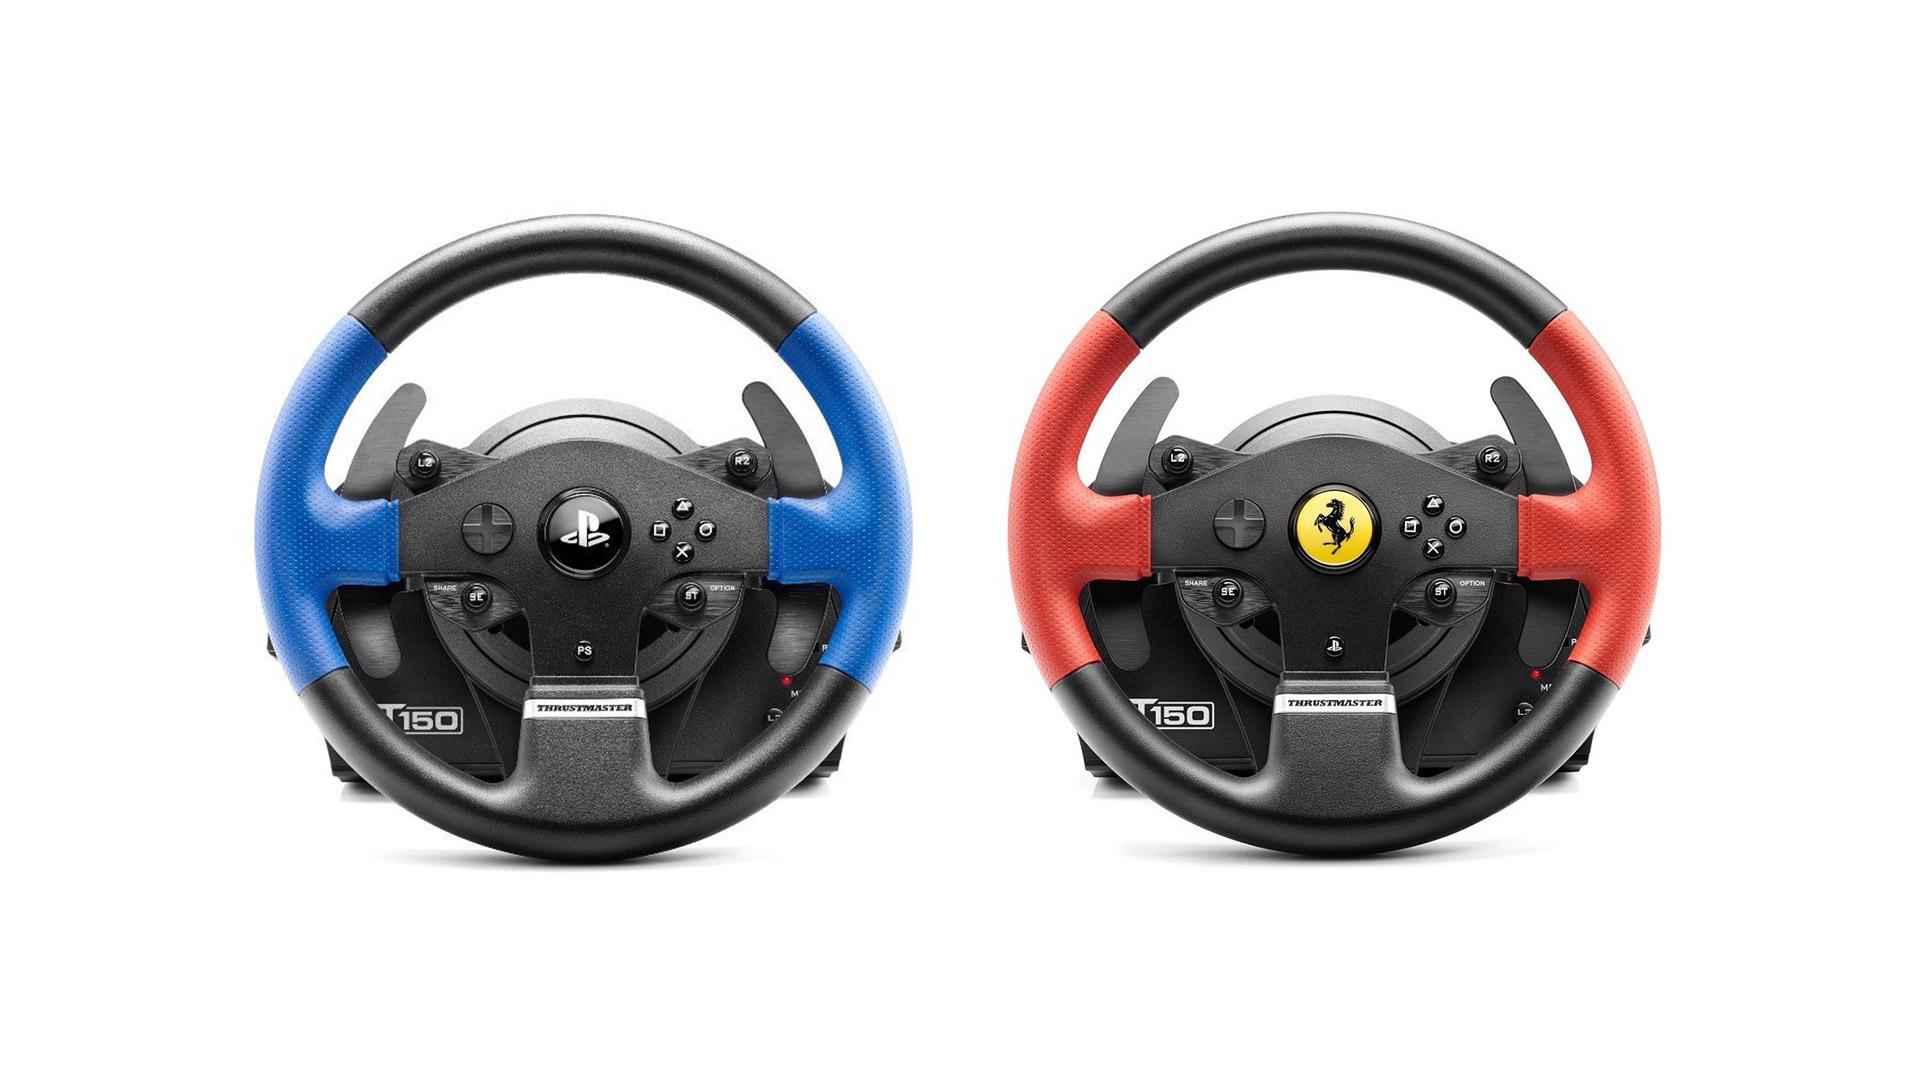 Ferrari mezi sluchátky! Americké letectvo také zanechalo svou stopu ilustrace 3 thrustmaster